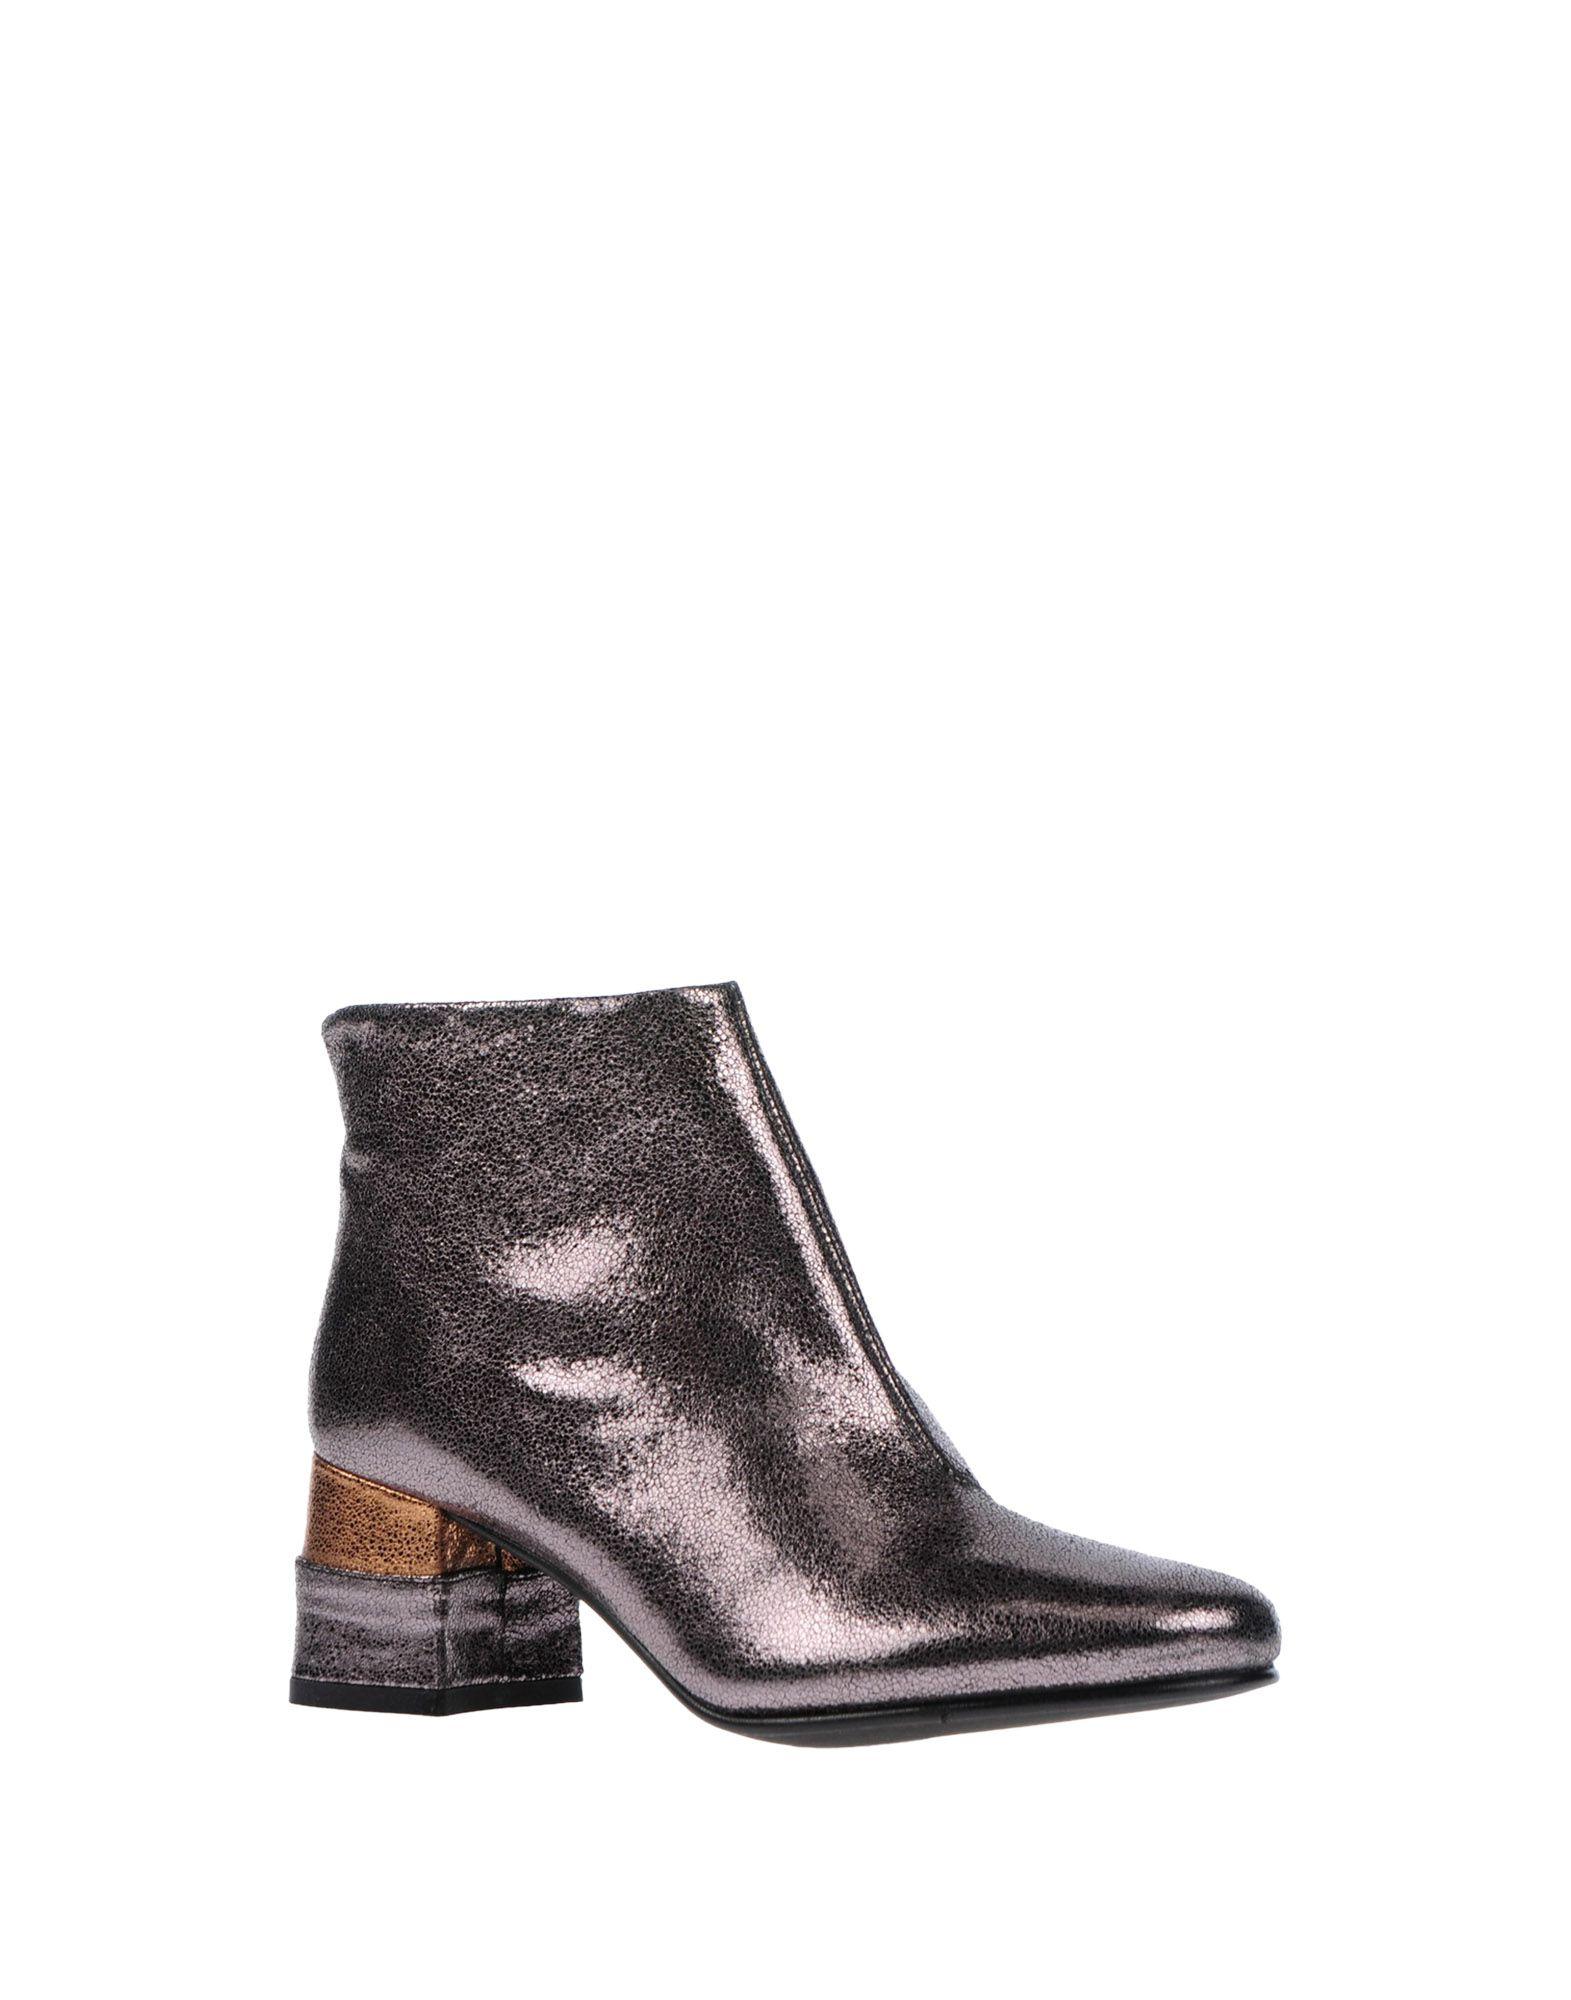 Emanuélle Vee Stiefelette Schuhe Damen  11428685GS Gute Qualität beliebte Schuhe Stiefelette 49cd5f